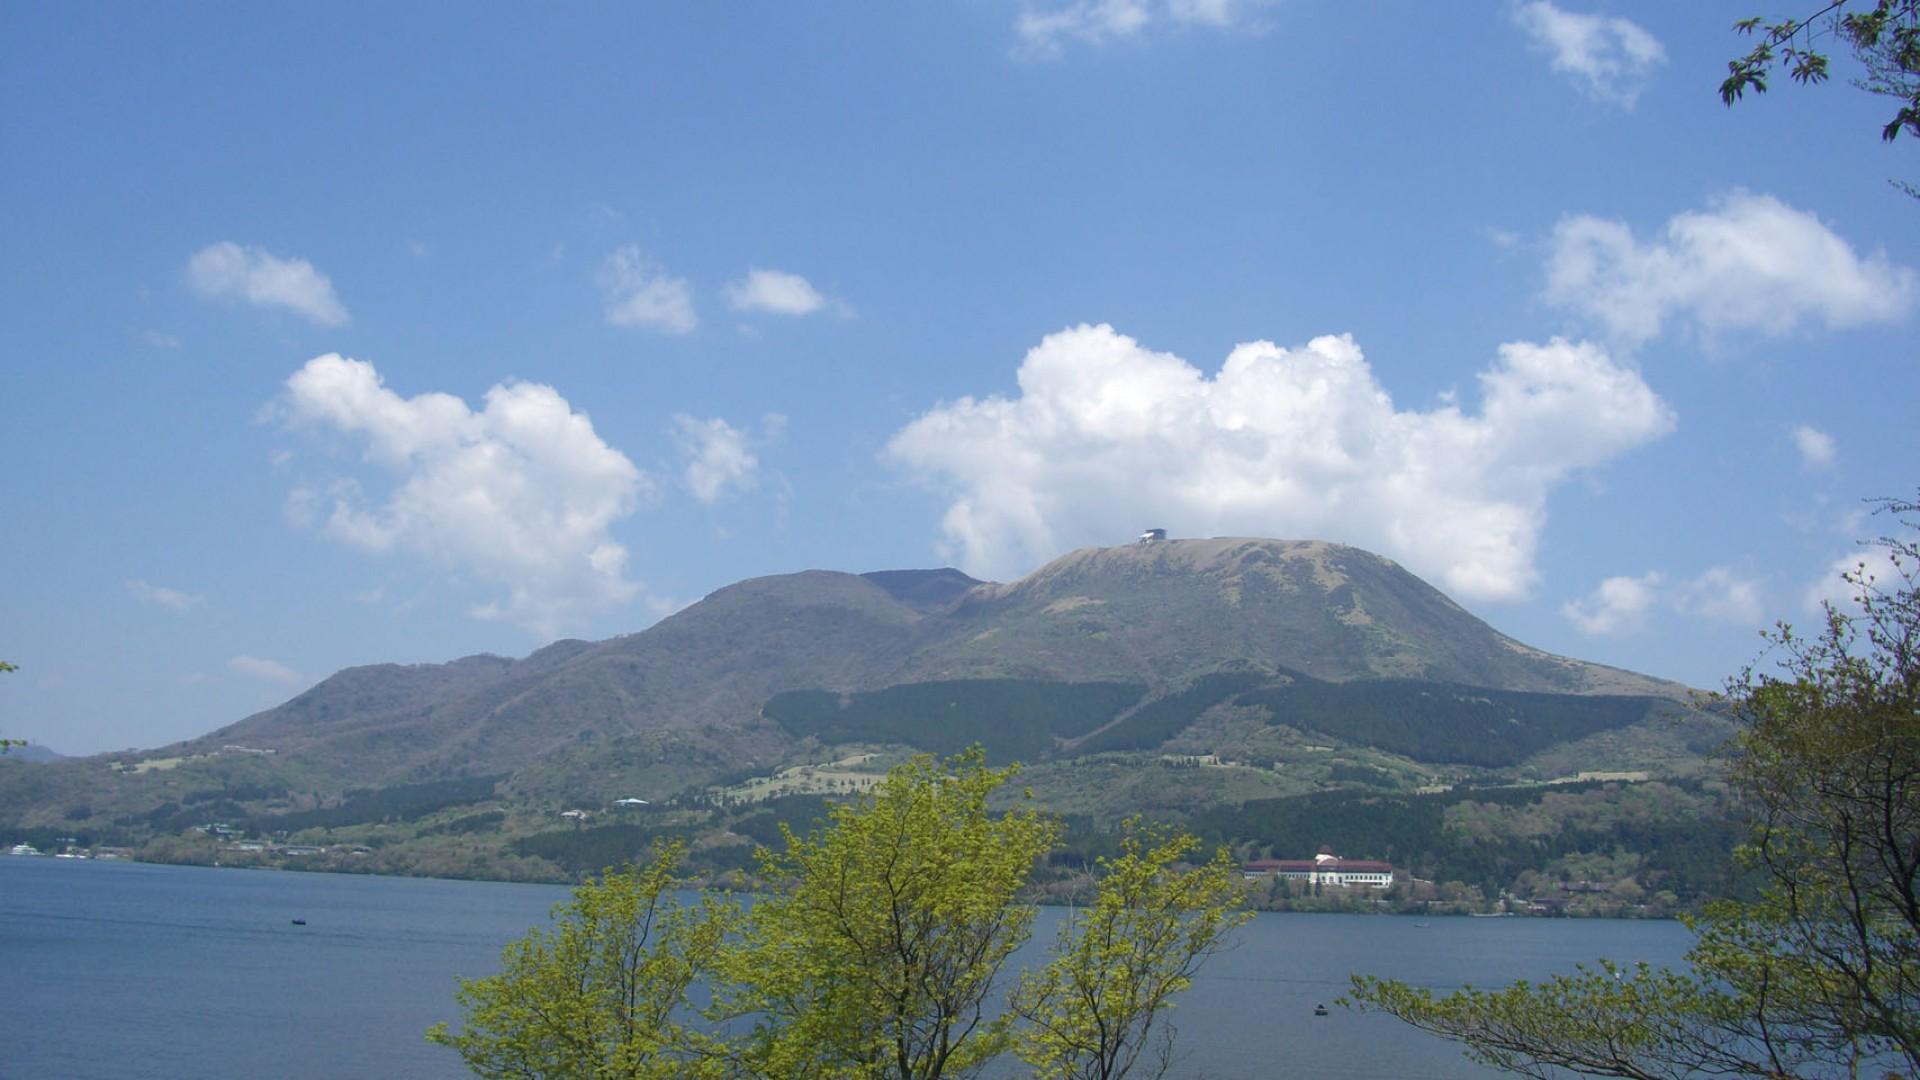 Đỉnh núi Mount Komagatake